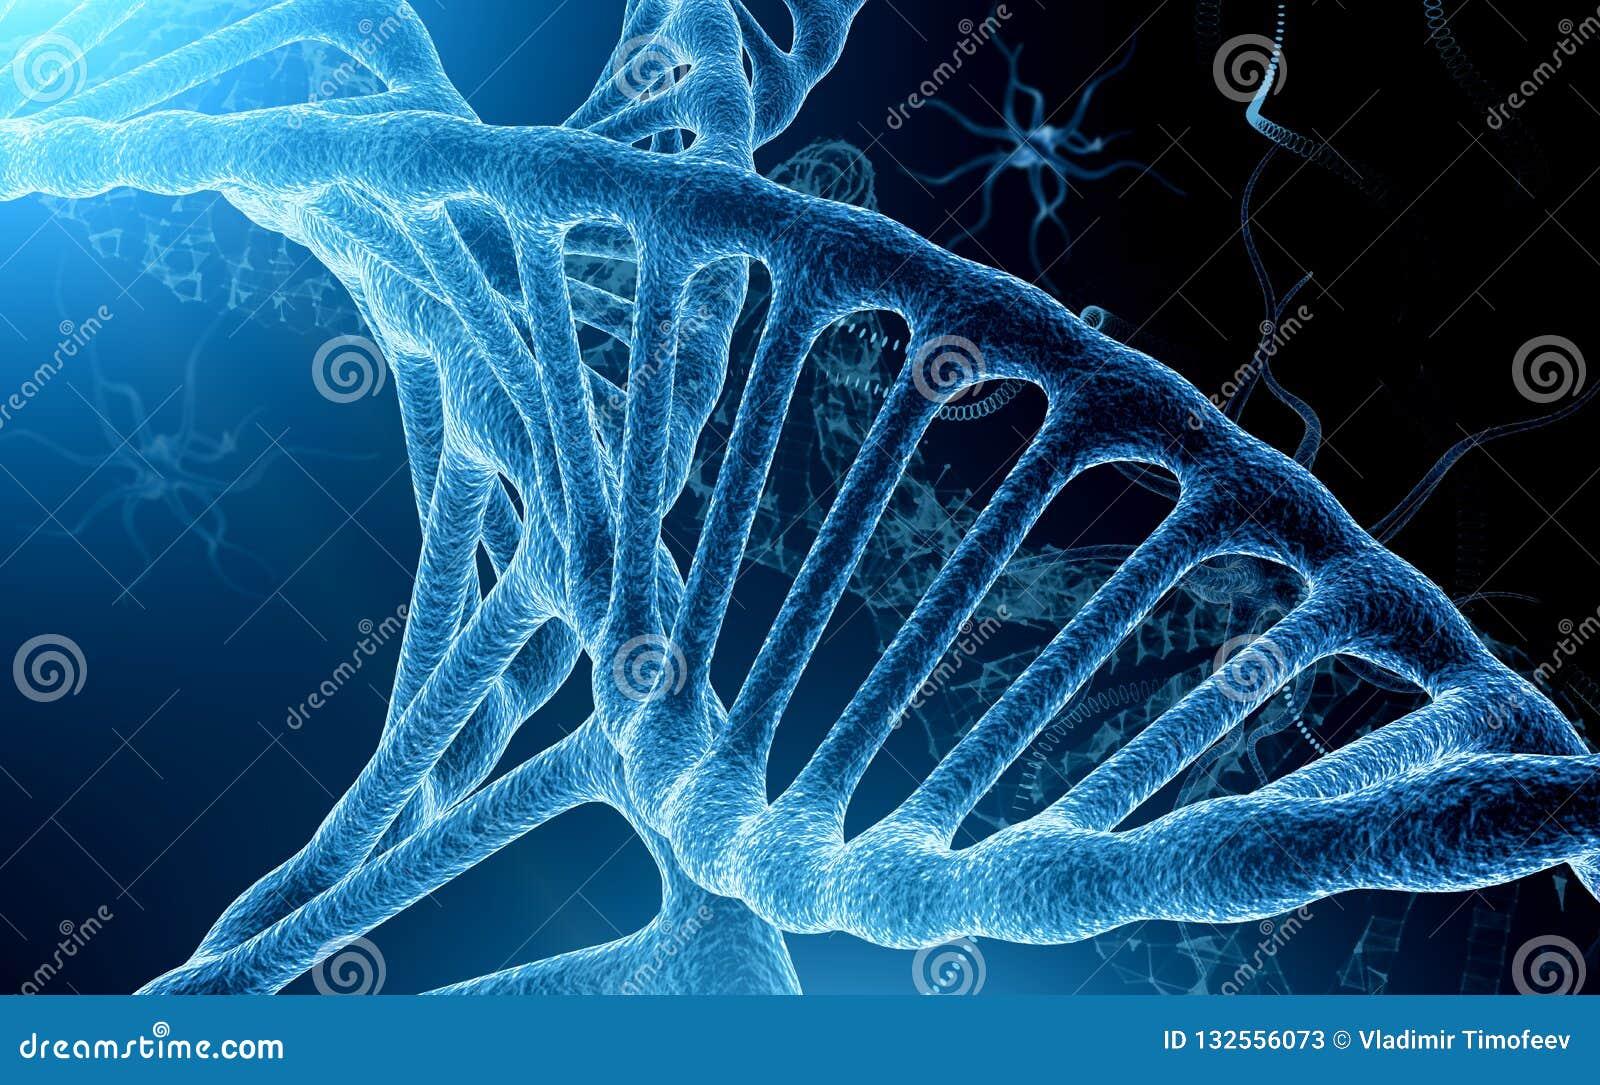 分子梦想系列 抽象设计由概念性原子、分子和分数维元素做成在生物,化学主题